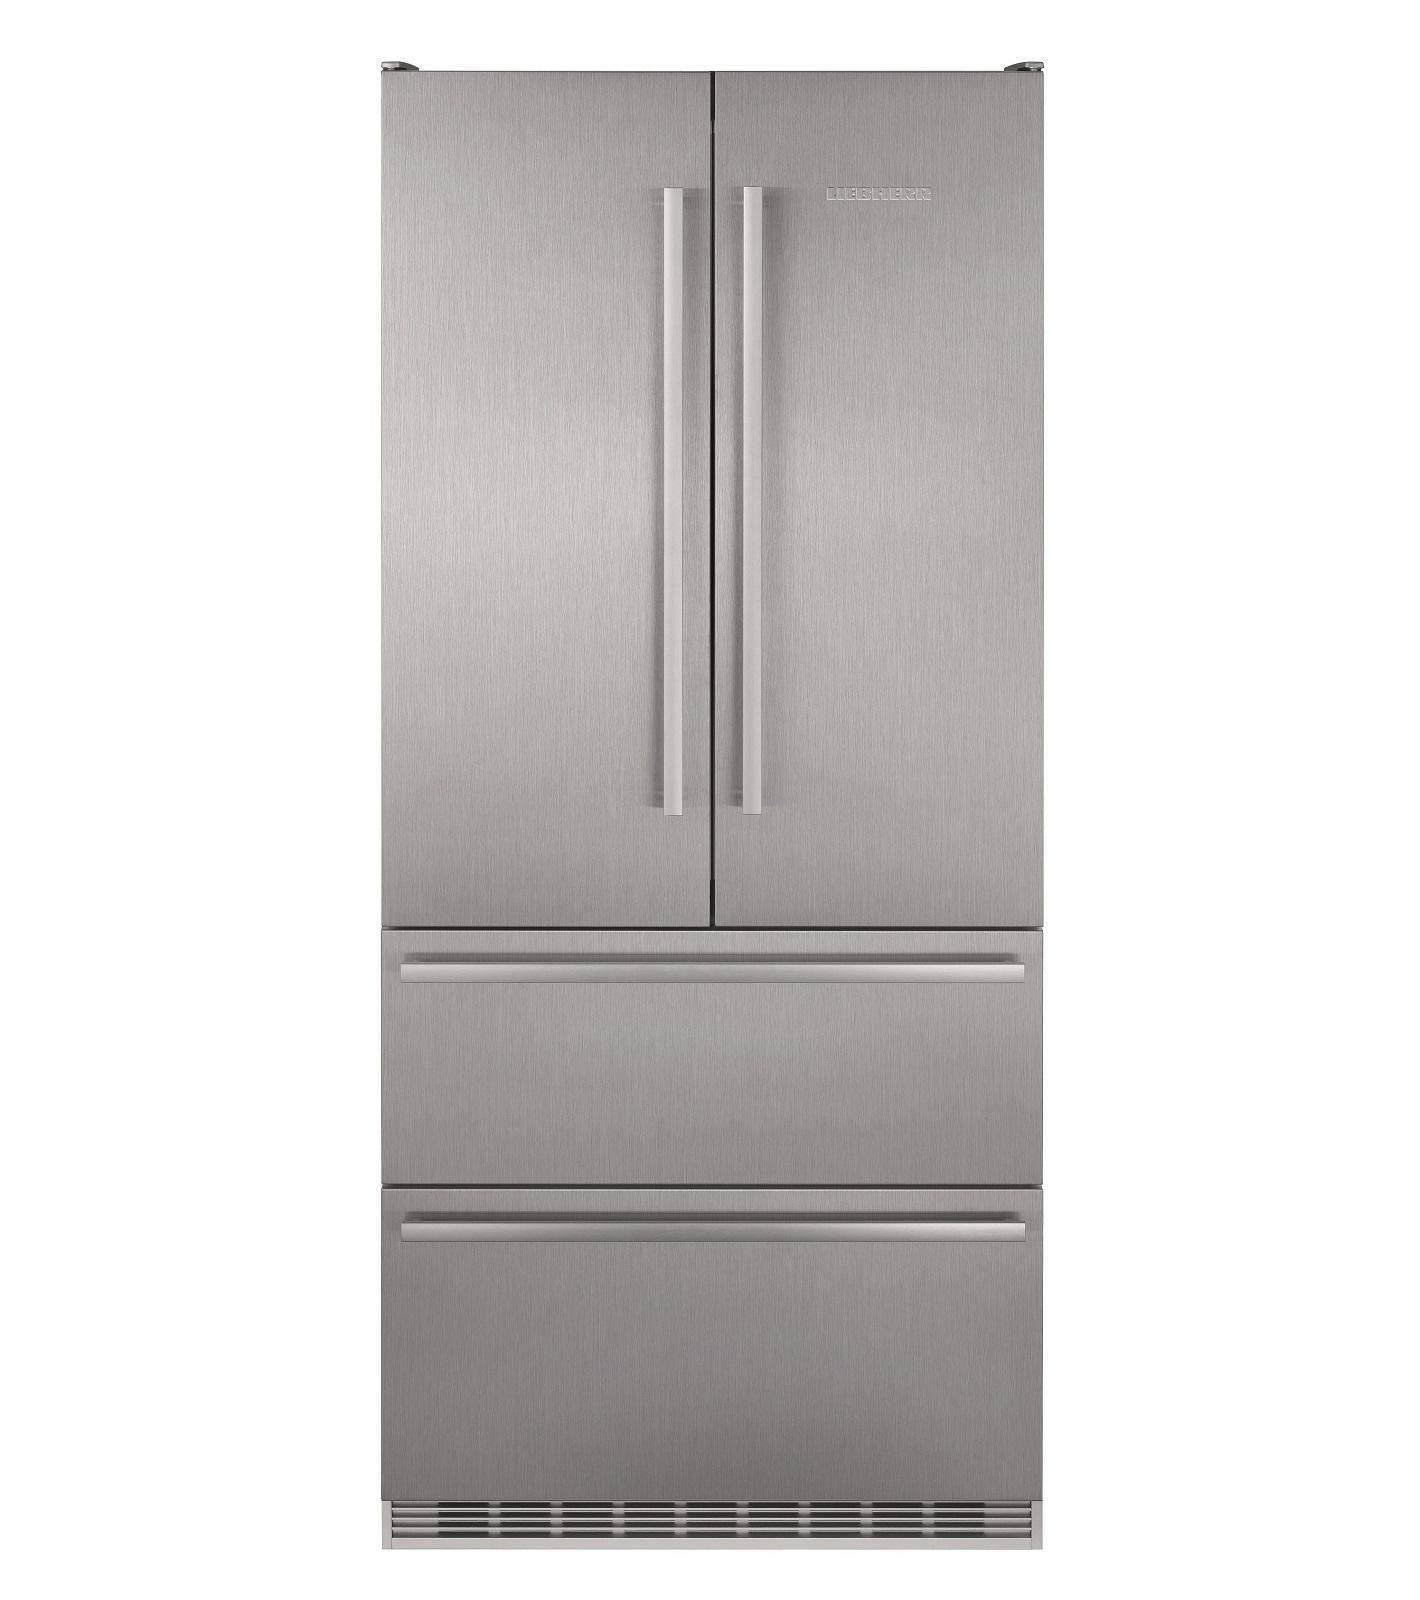 купить Двухкамерный холодильник Liebherr CBNes 6256 Украина фото 1